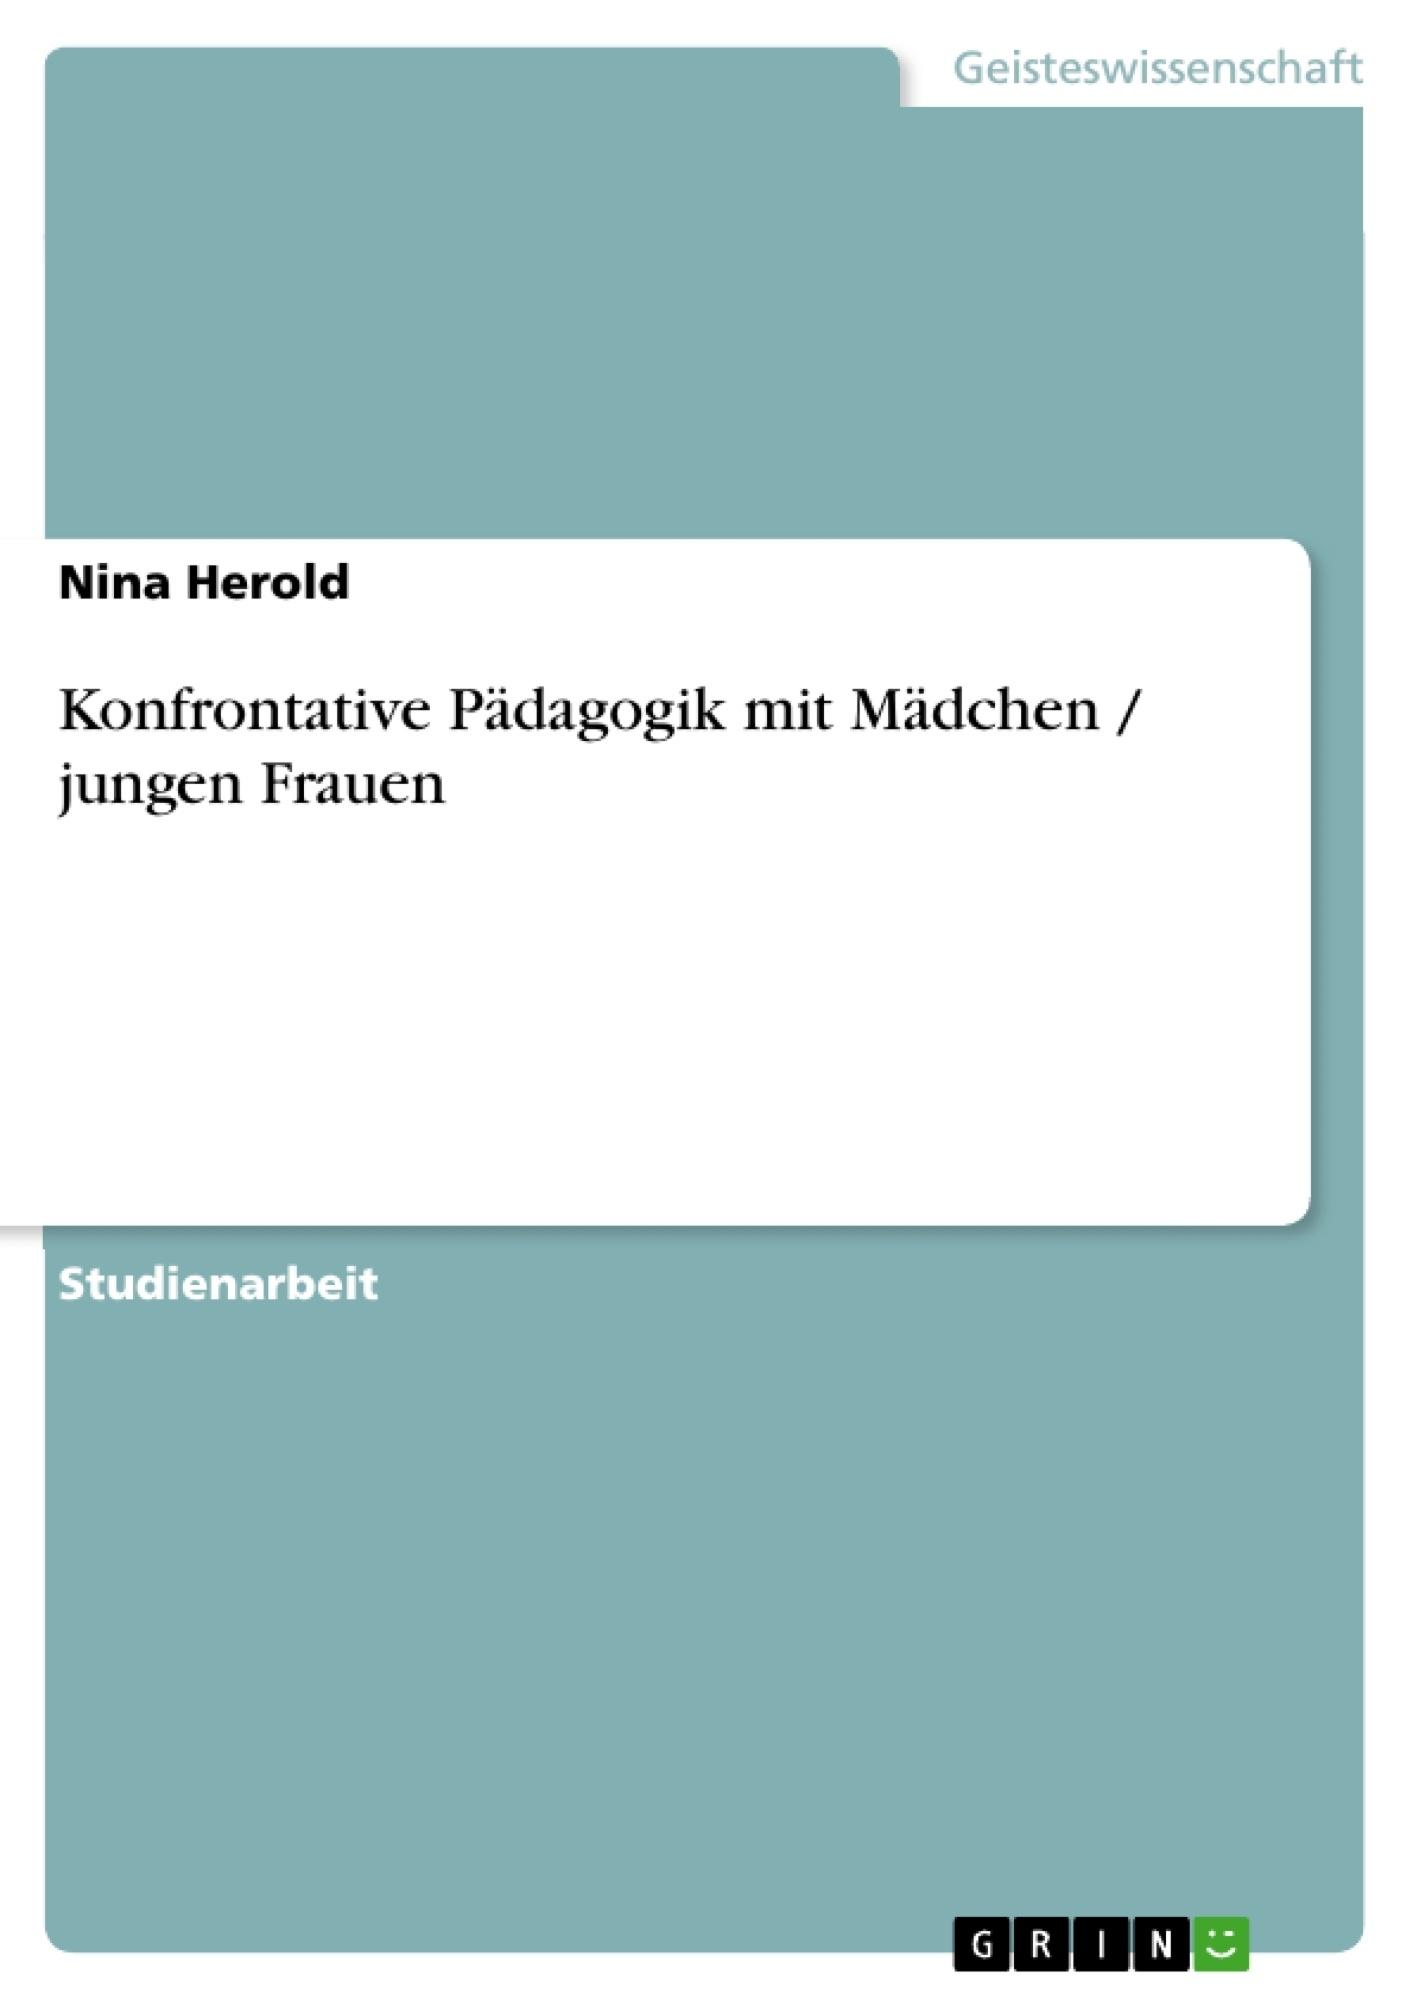 Titel: Konfrontative Pädagogik mit Mädchen / jungen Frauen